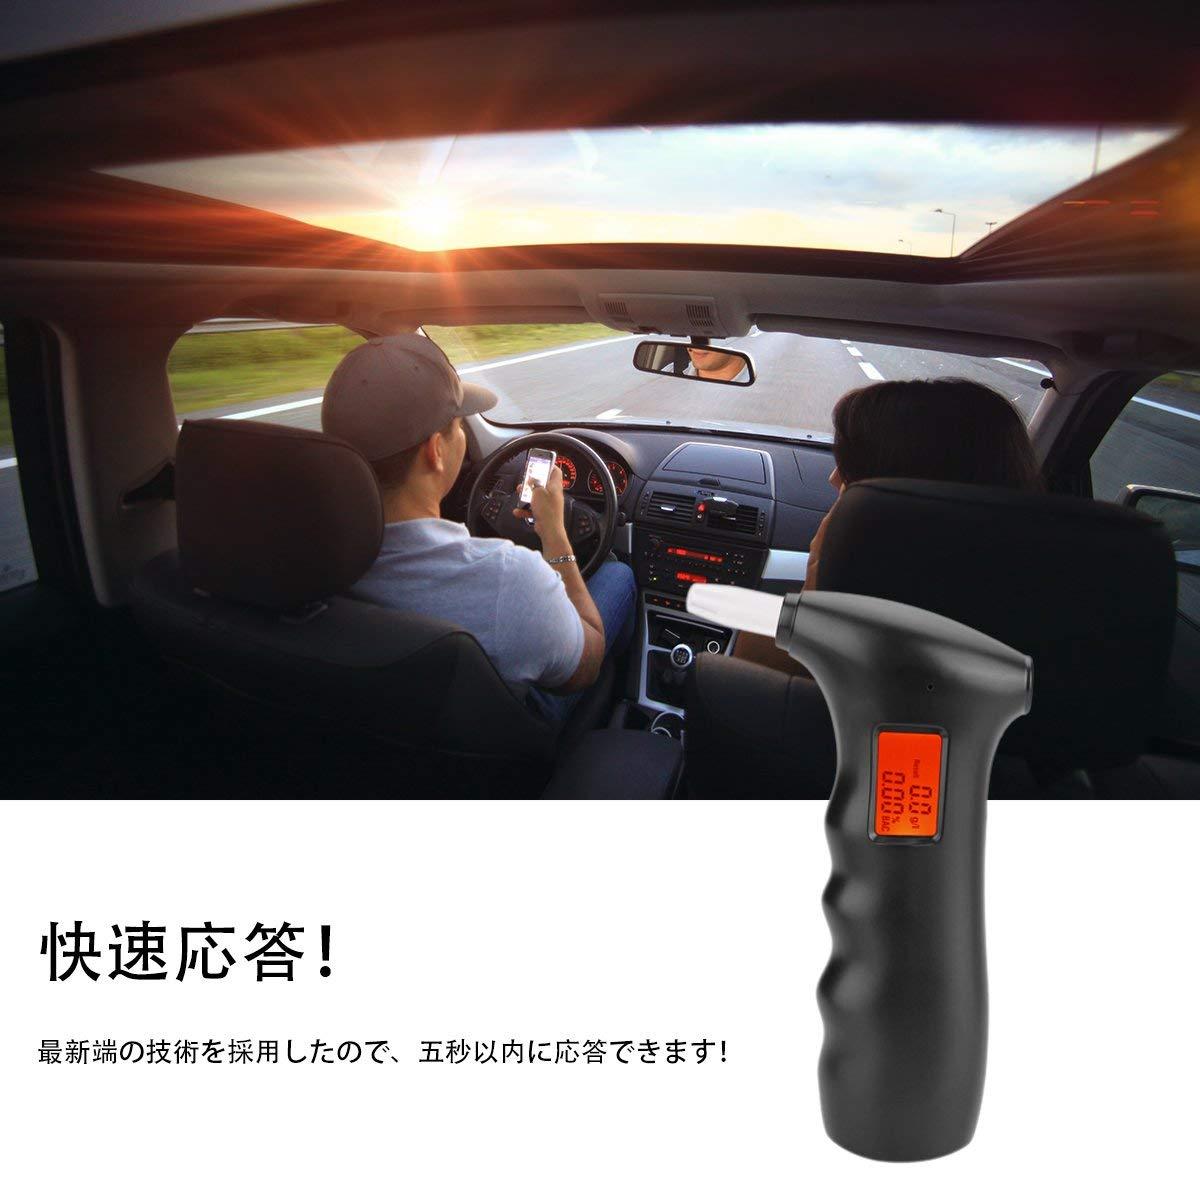 アルコールチェッカー 飲酒チェッカー アルコールセンサー 飲酒運転 防止 高精度 測定 持ち歩き簡単 LEDデジタル アルコール検知器 アラーム機能付き